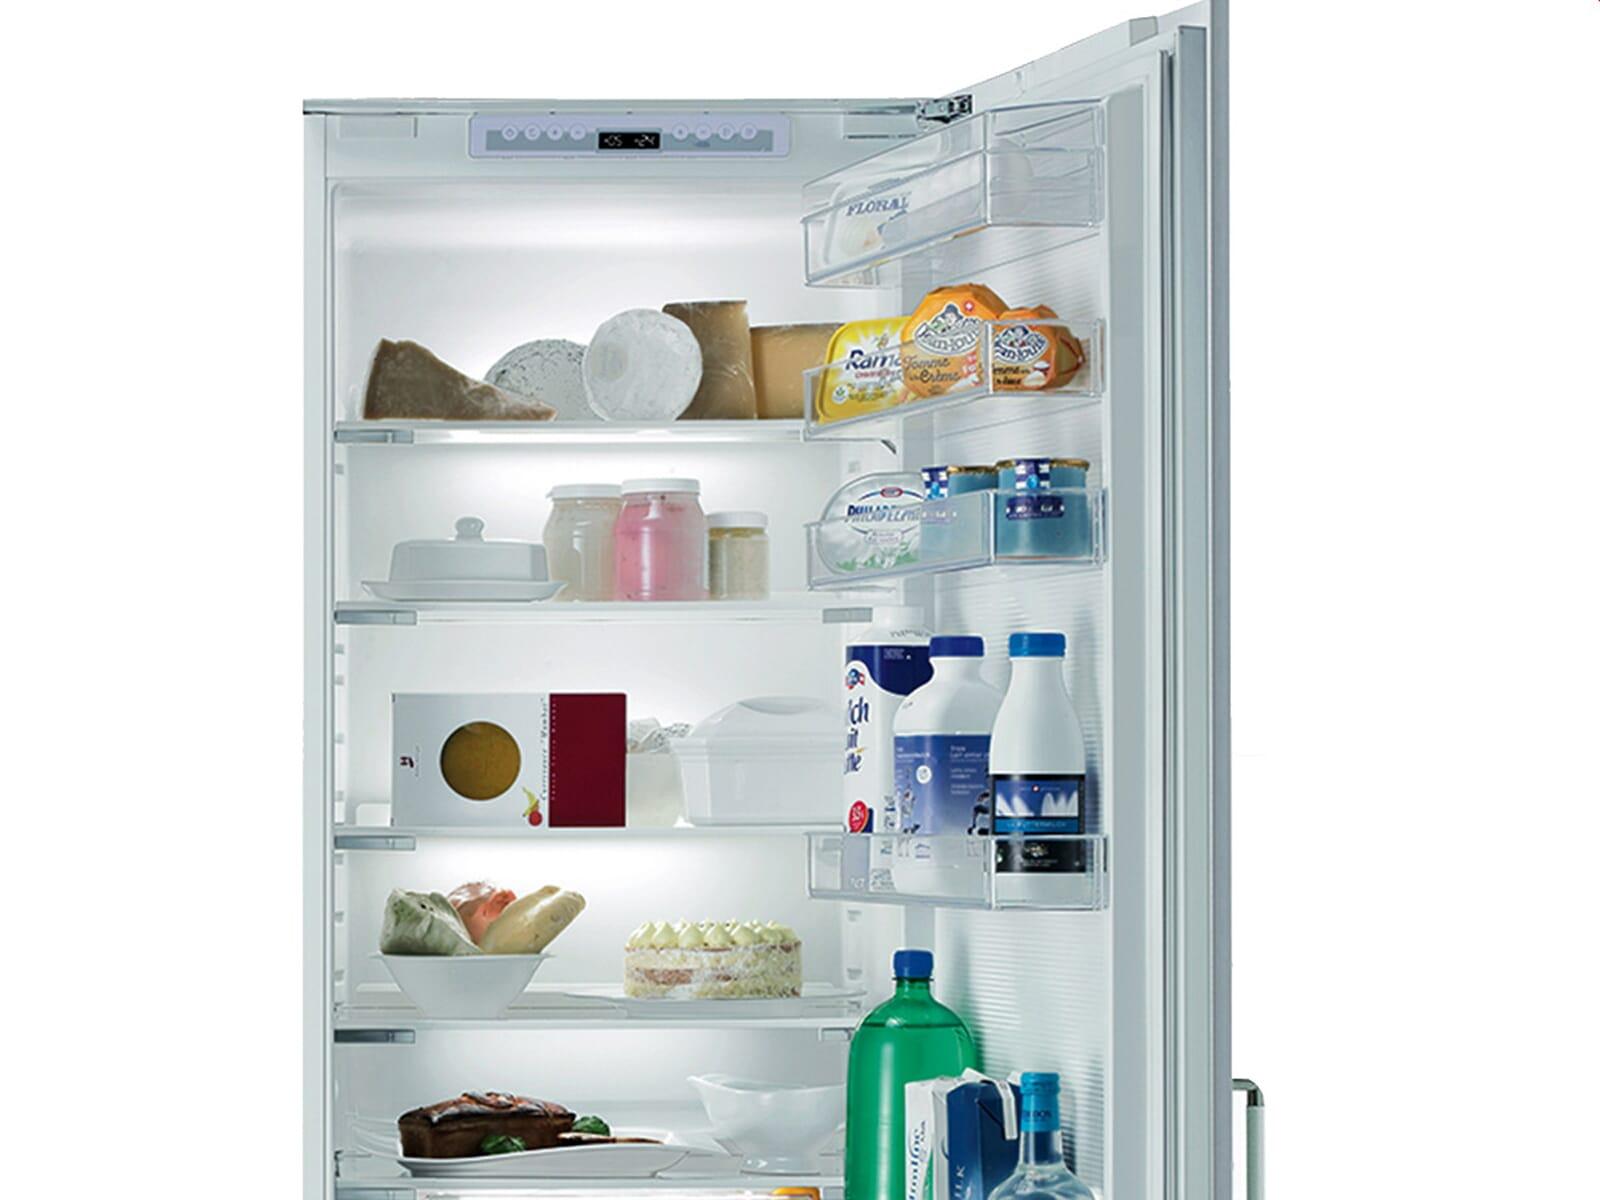 Mini Kühlschrank Fust : Retro kühlschrank fust: die optimale kühlschranktemperatur ekitchen